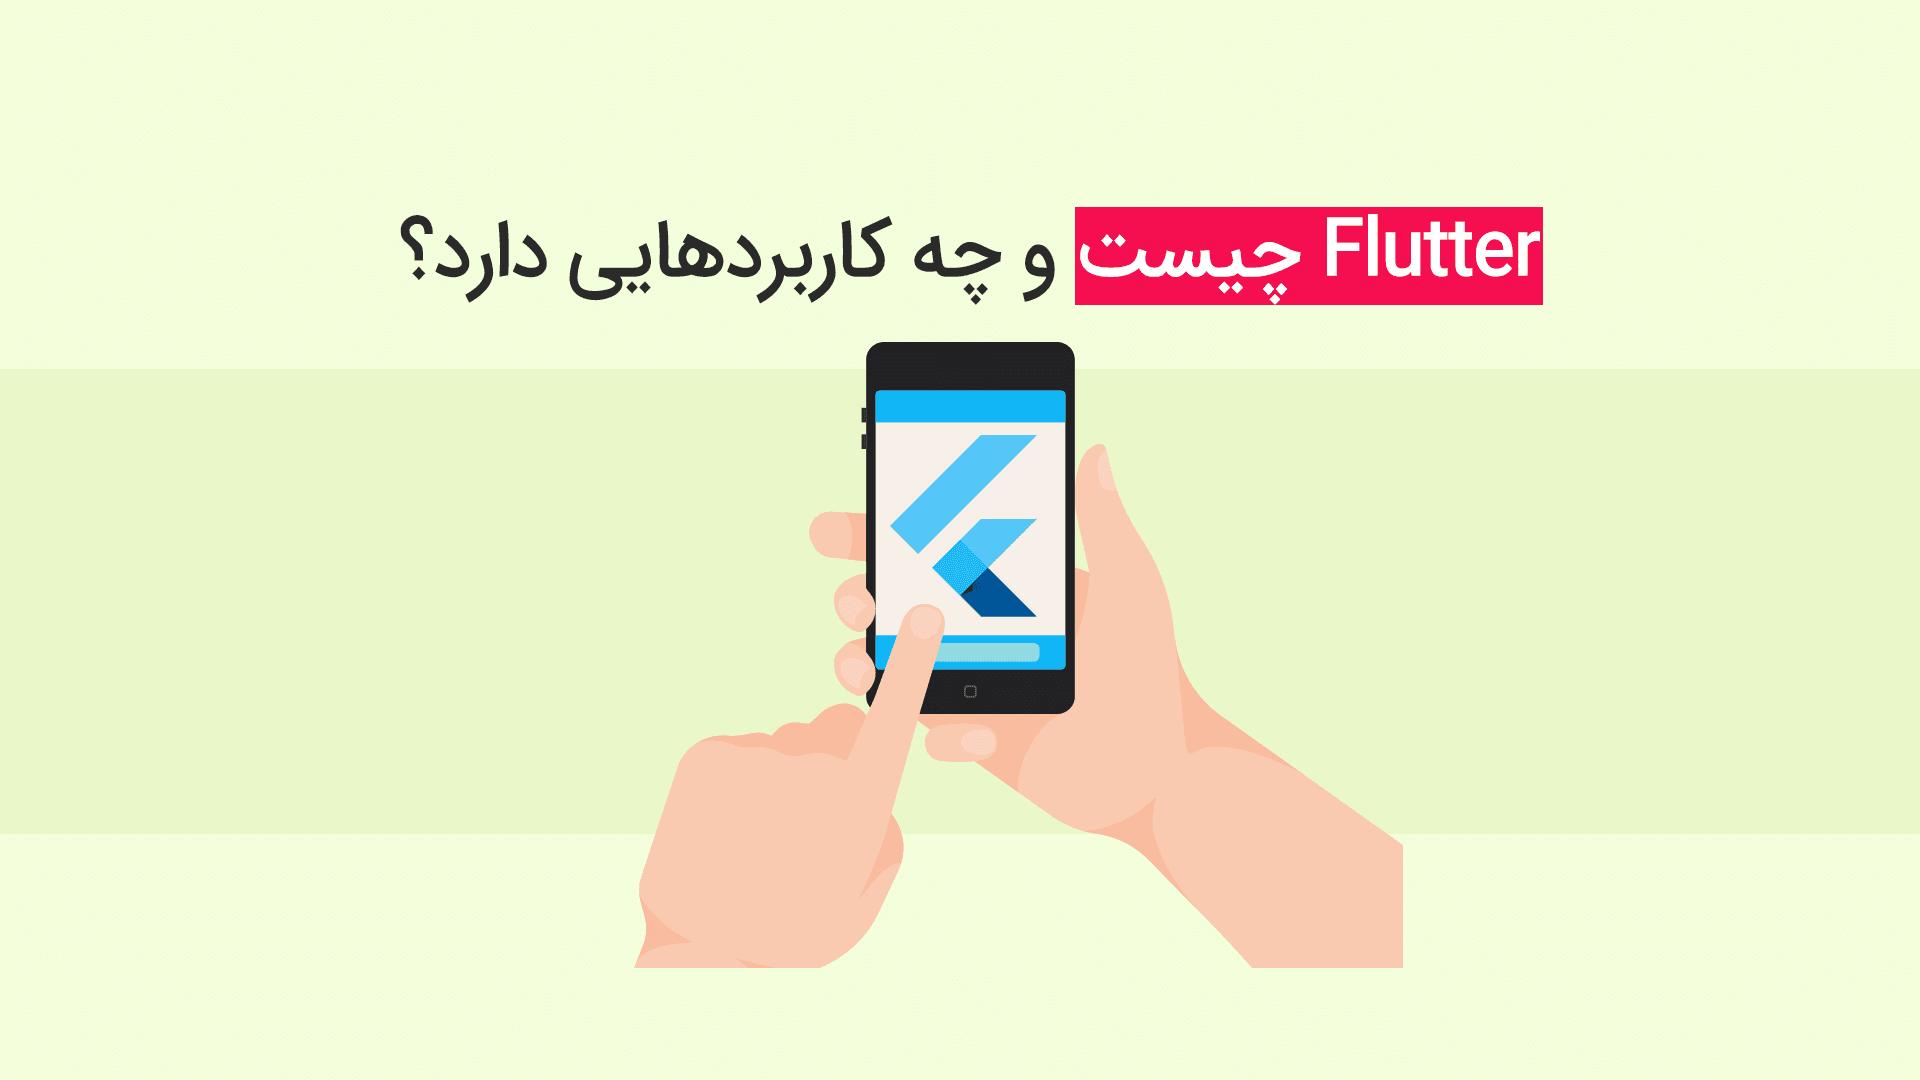 flutter چیست و چه کاربردهایی دارد